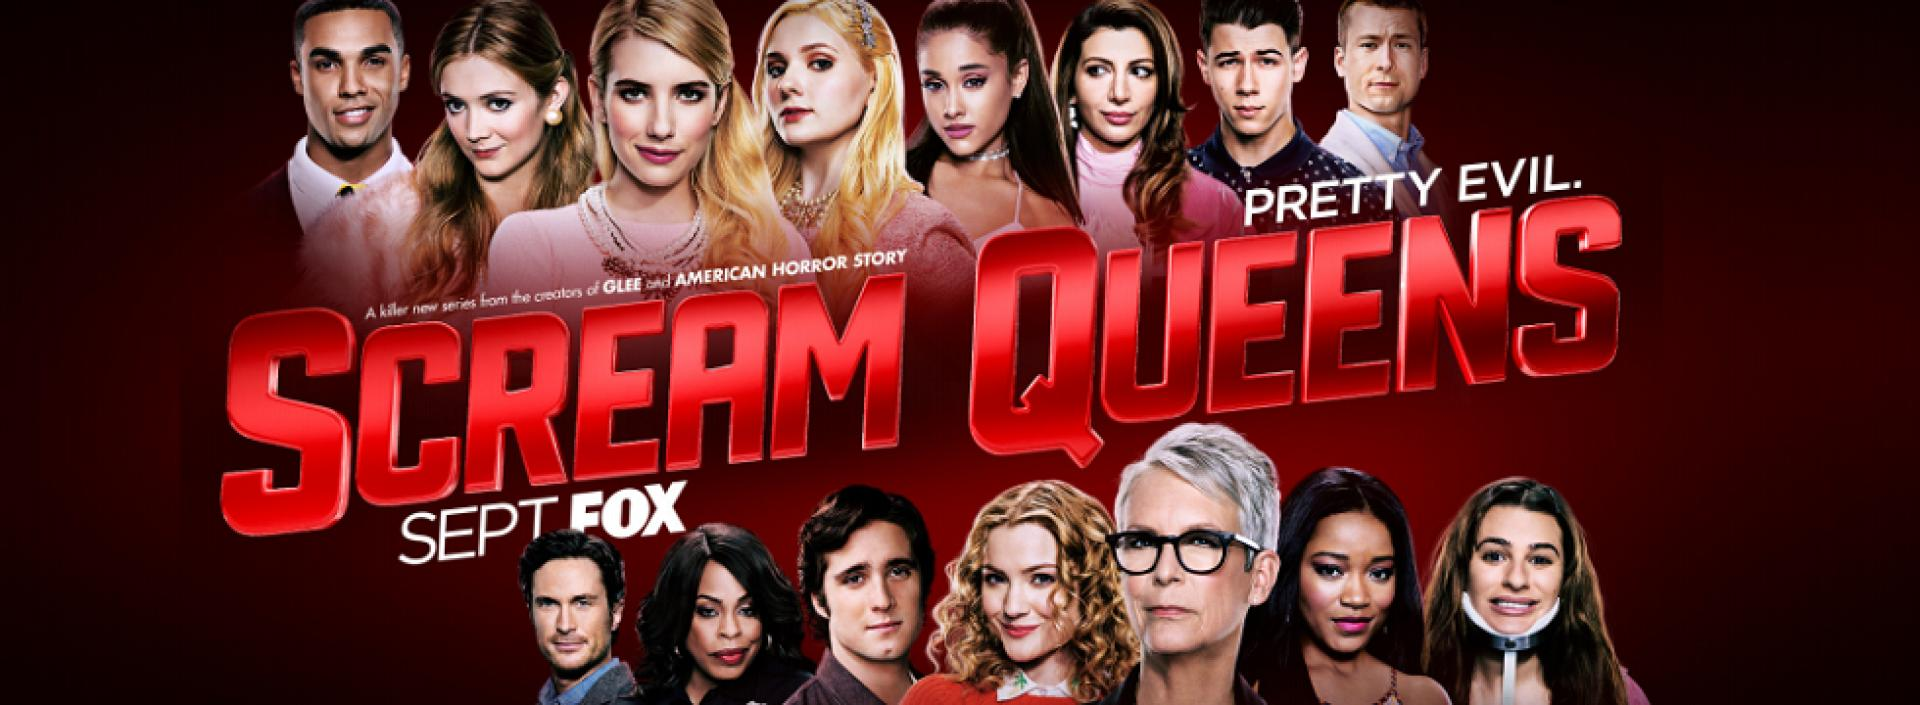 Scream Queens 1x03